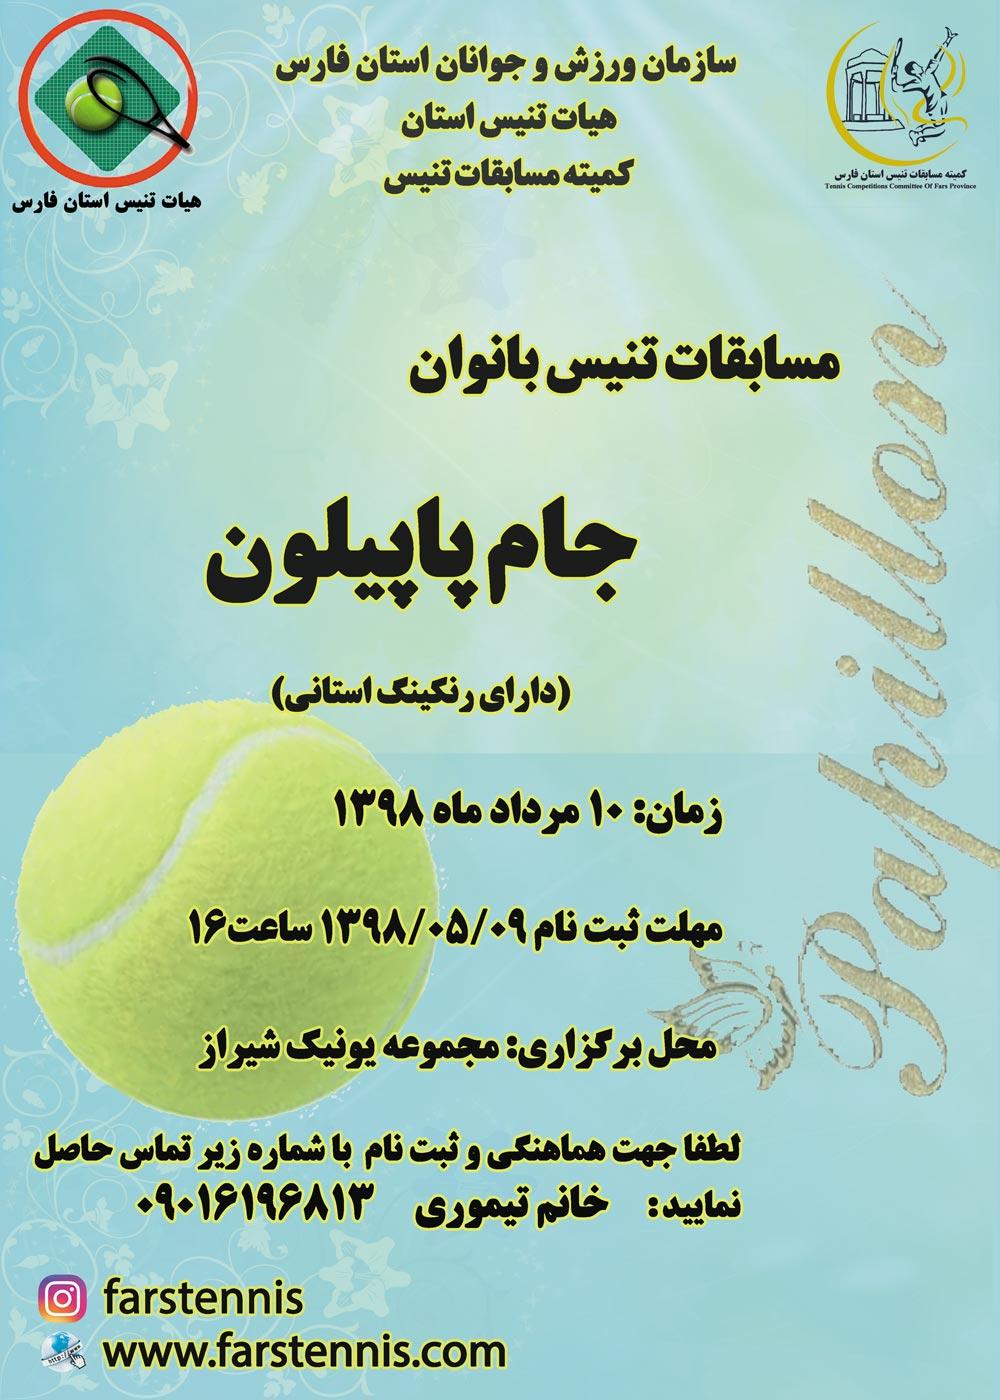 مسابقات استانی تنیس بانوان جام پاپیلون